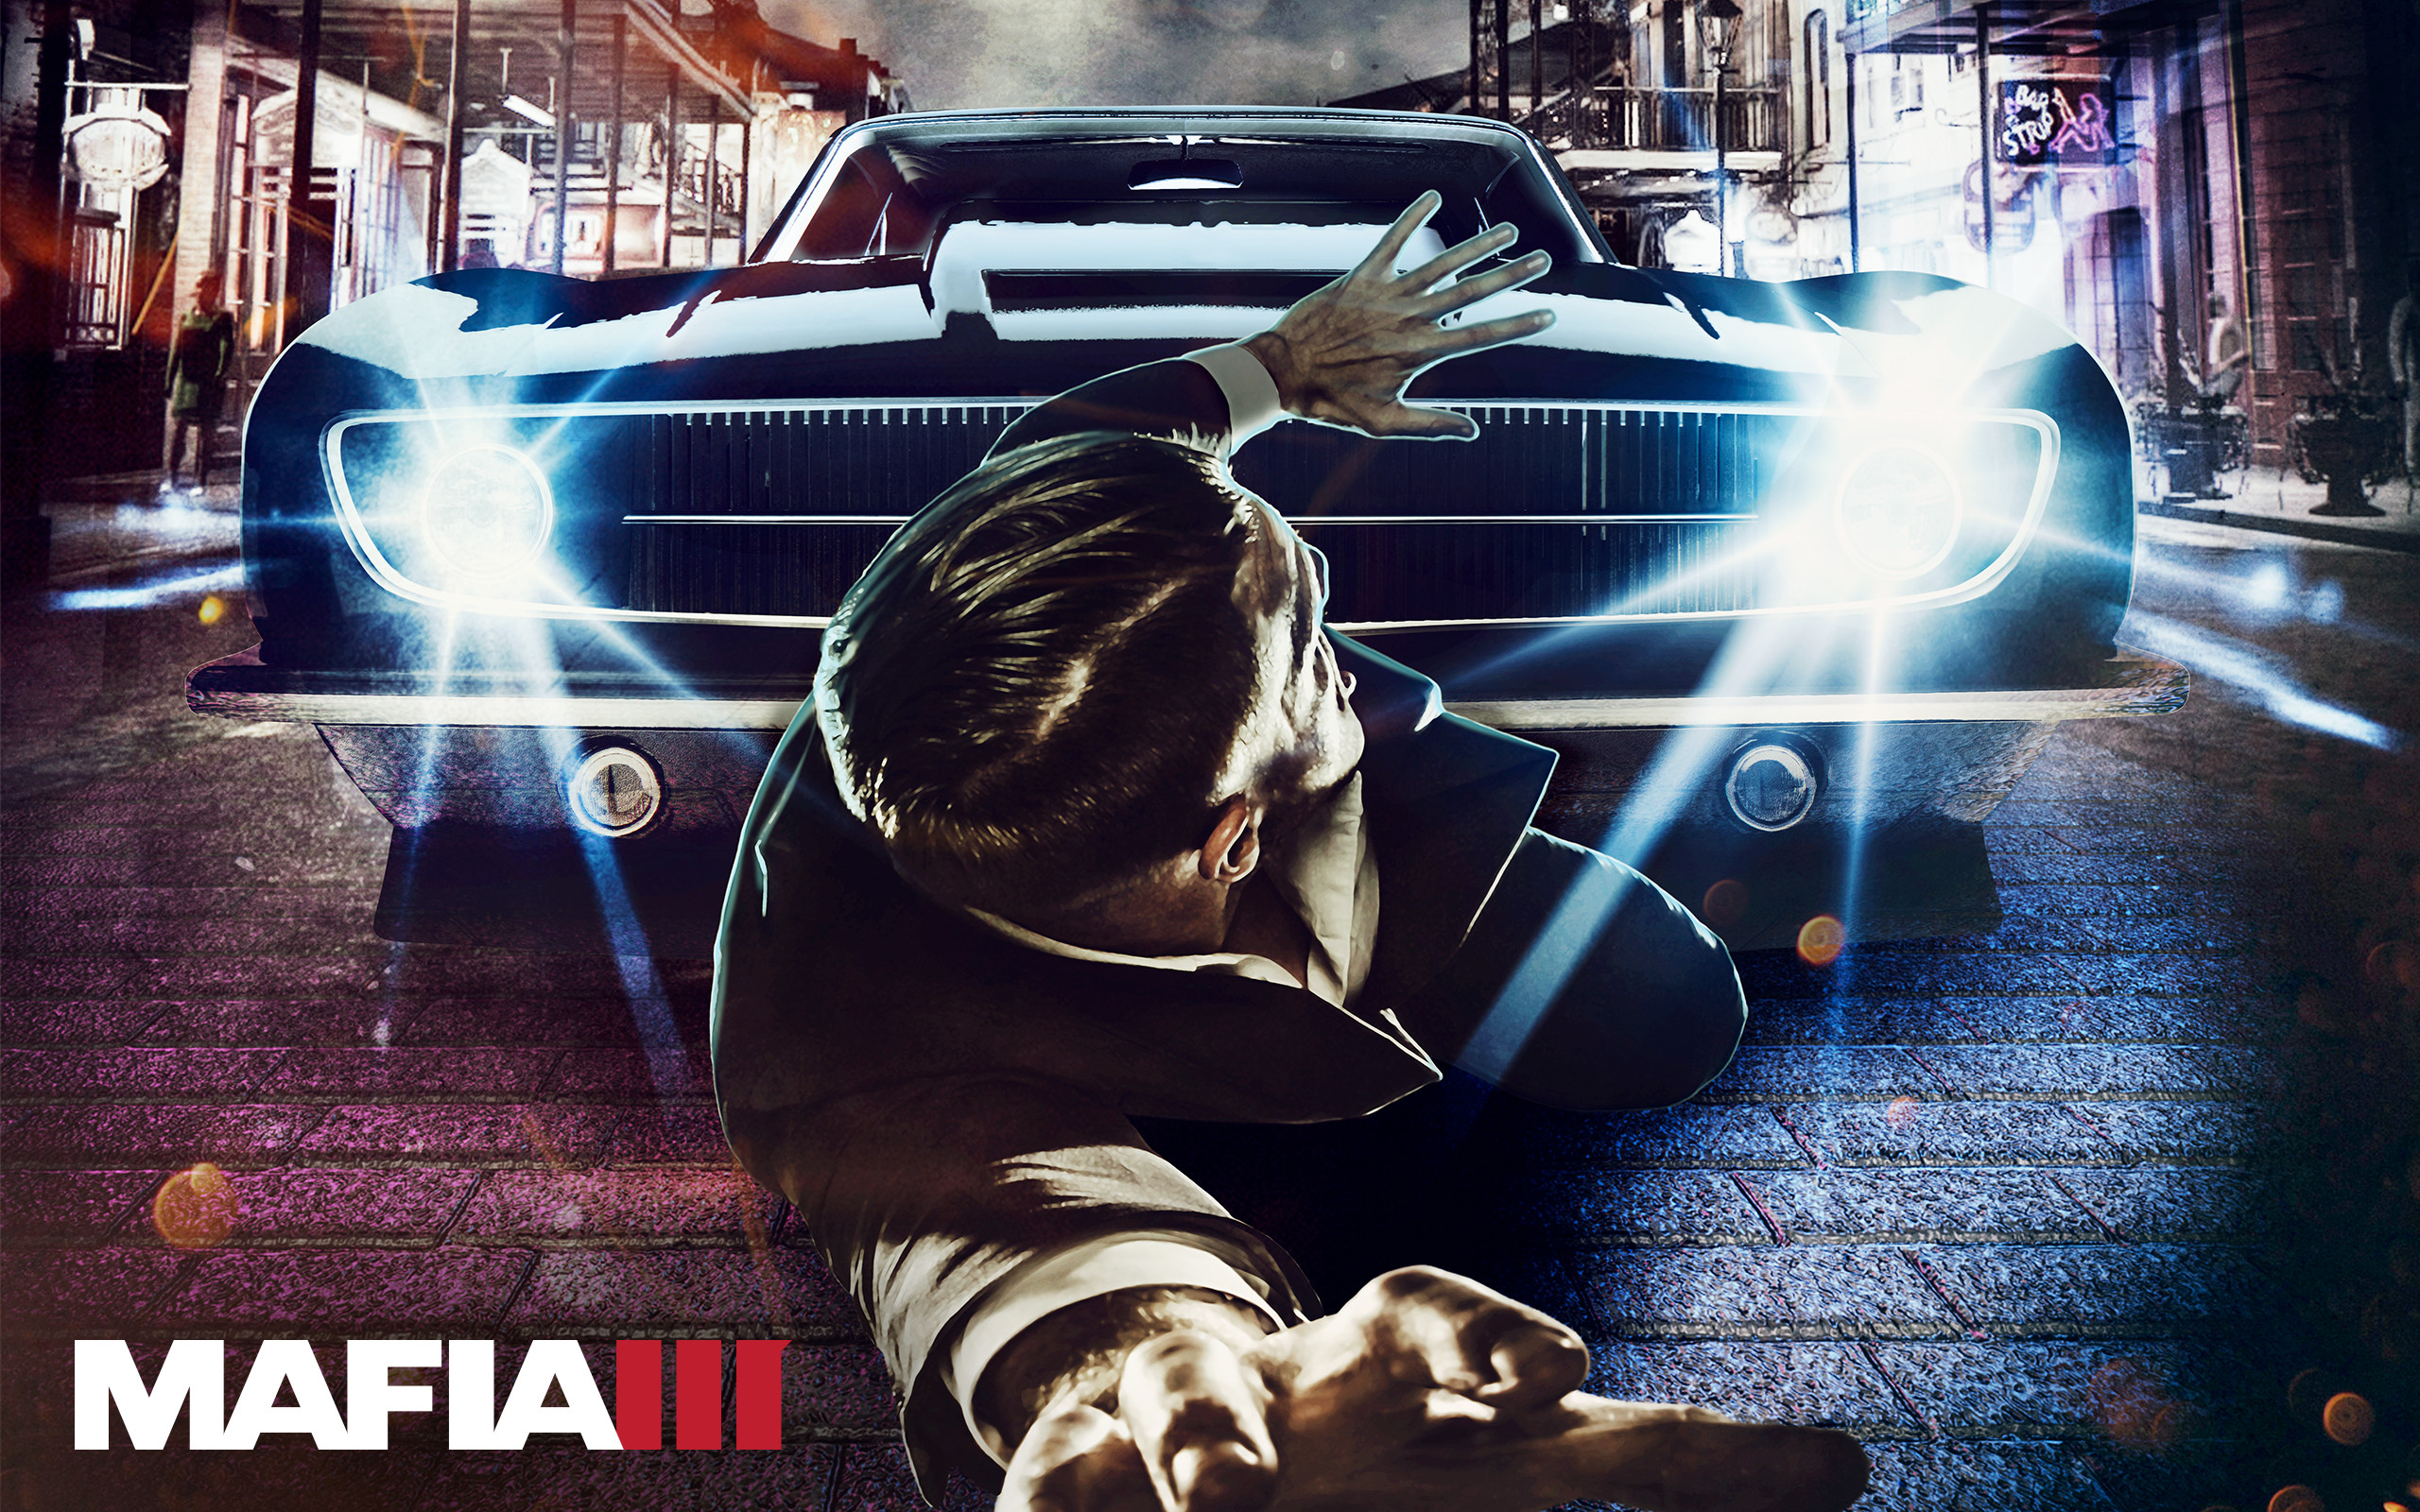 Mafia III 2016 Game